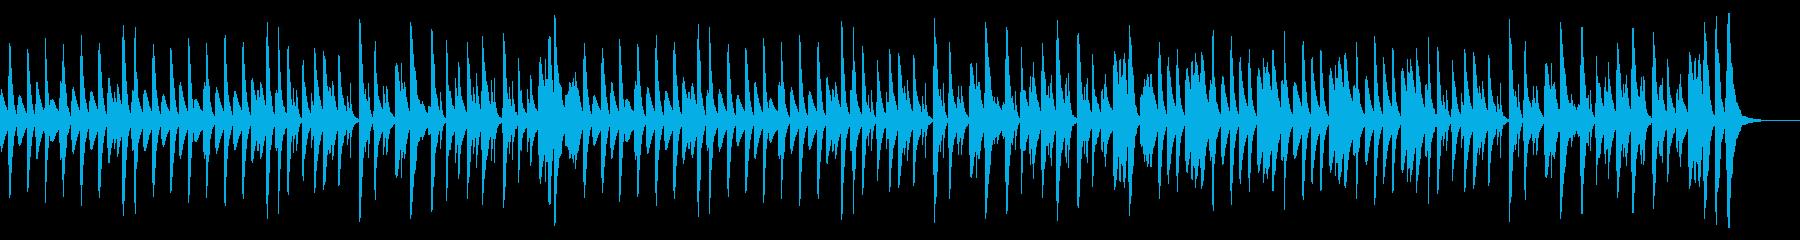 シンプルで軽快な明るいマリンバ曲の再生済みの波形